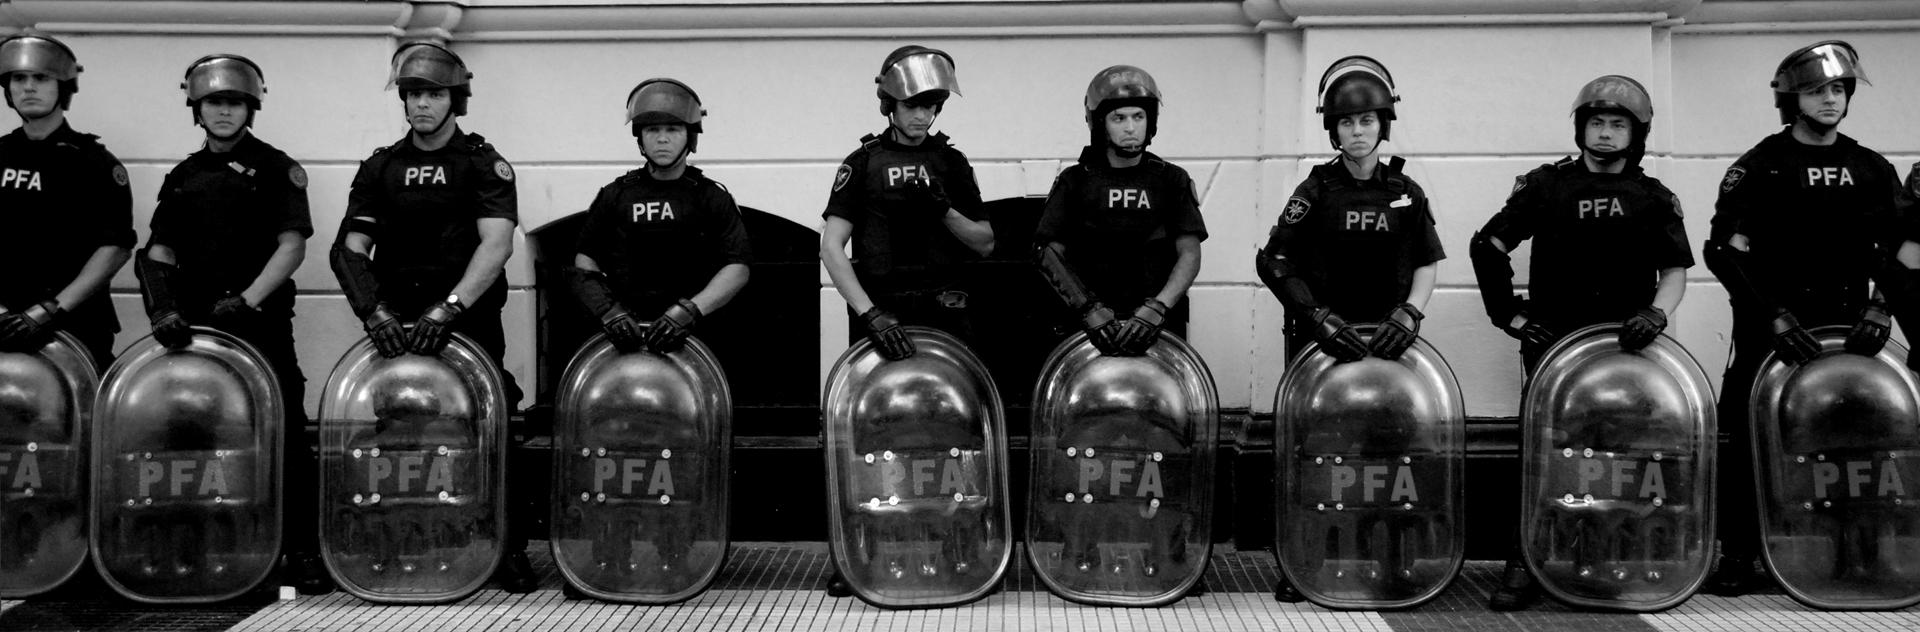 מושחתים נמאסתם - בואנוס איירס - הפגנה - צדק לעם - יואל שתרוג - אדמה יוצרת - yoel sitruk